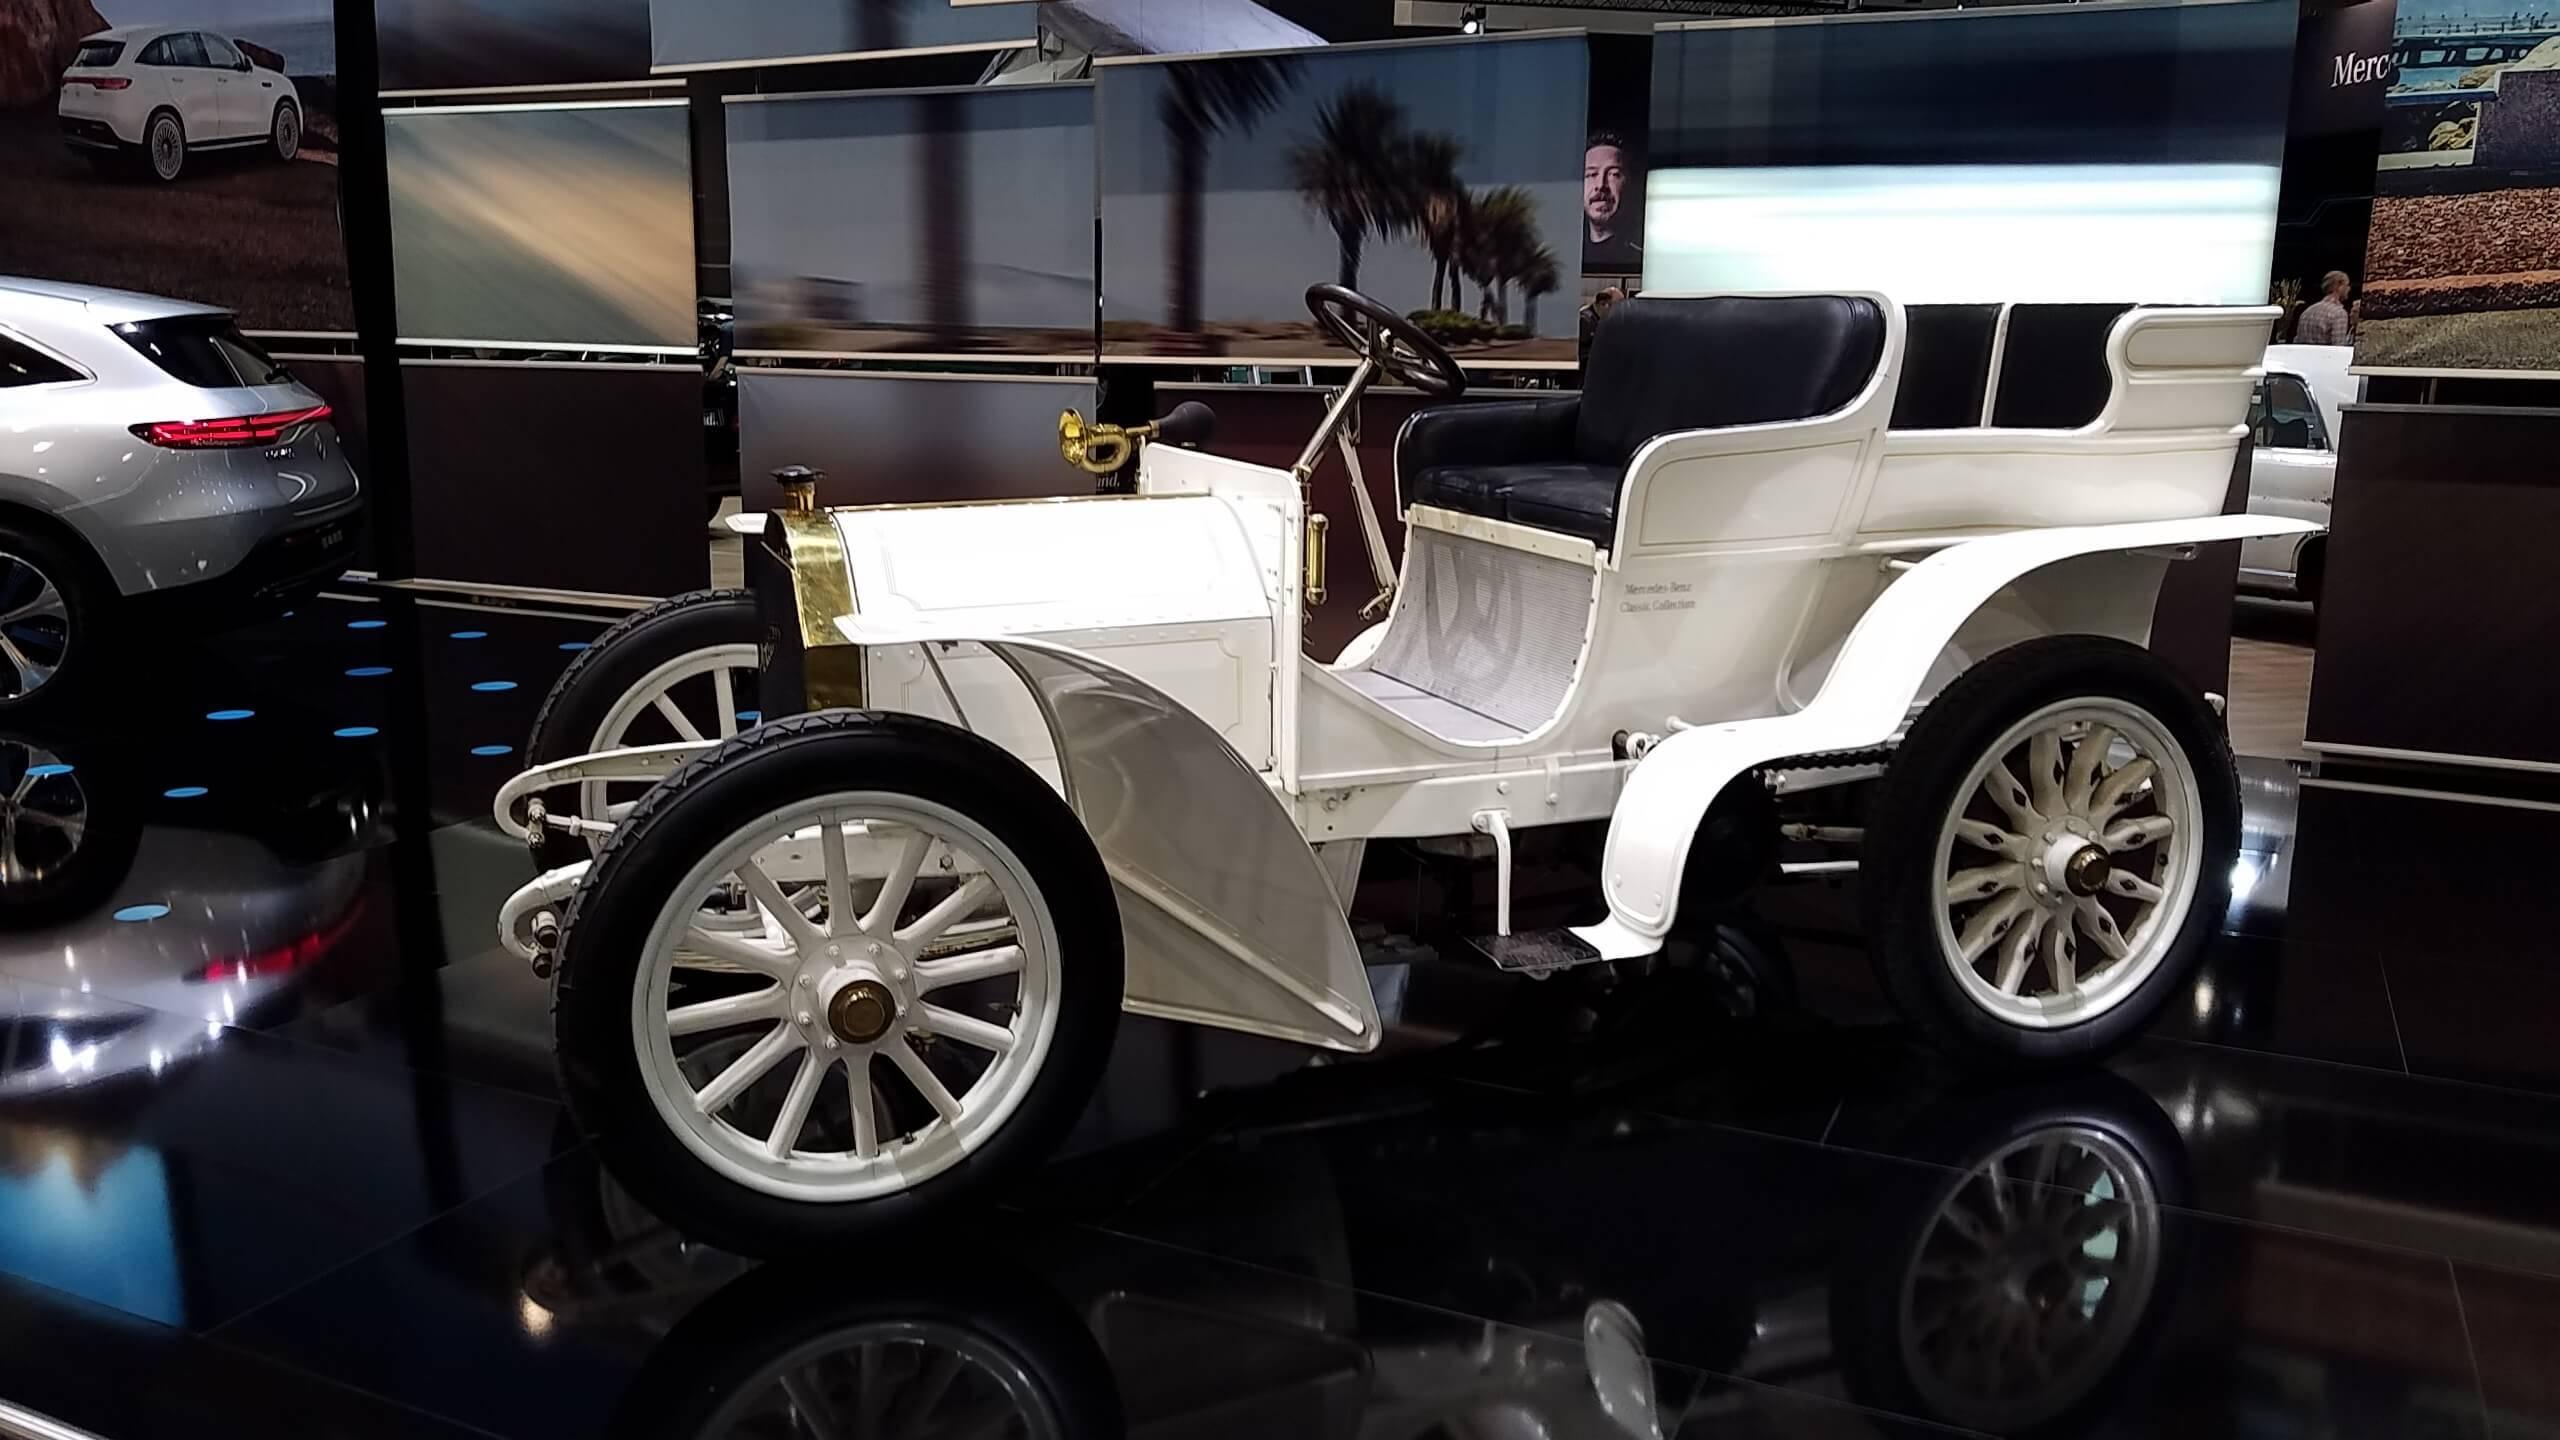 MercedesClassicCollectionWhite